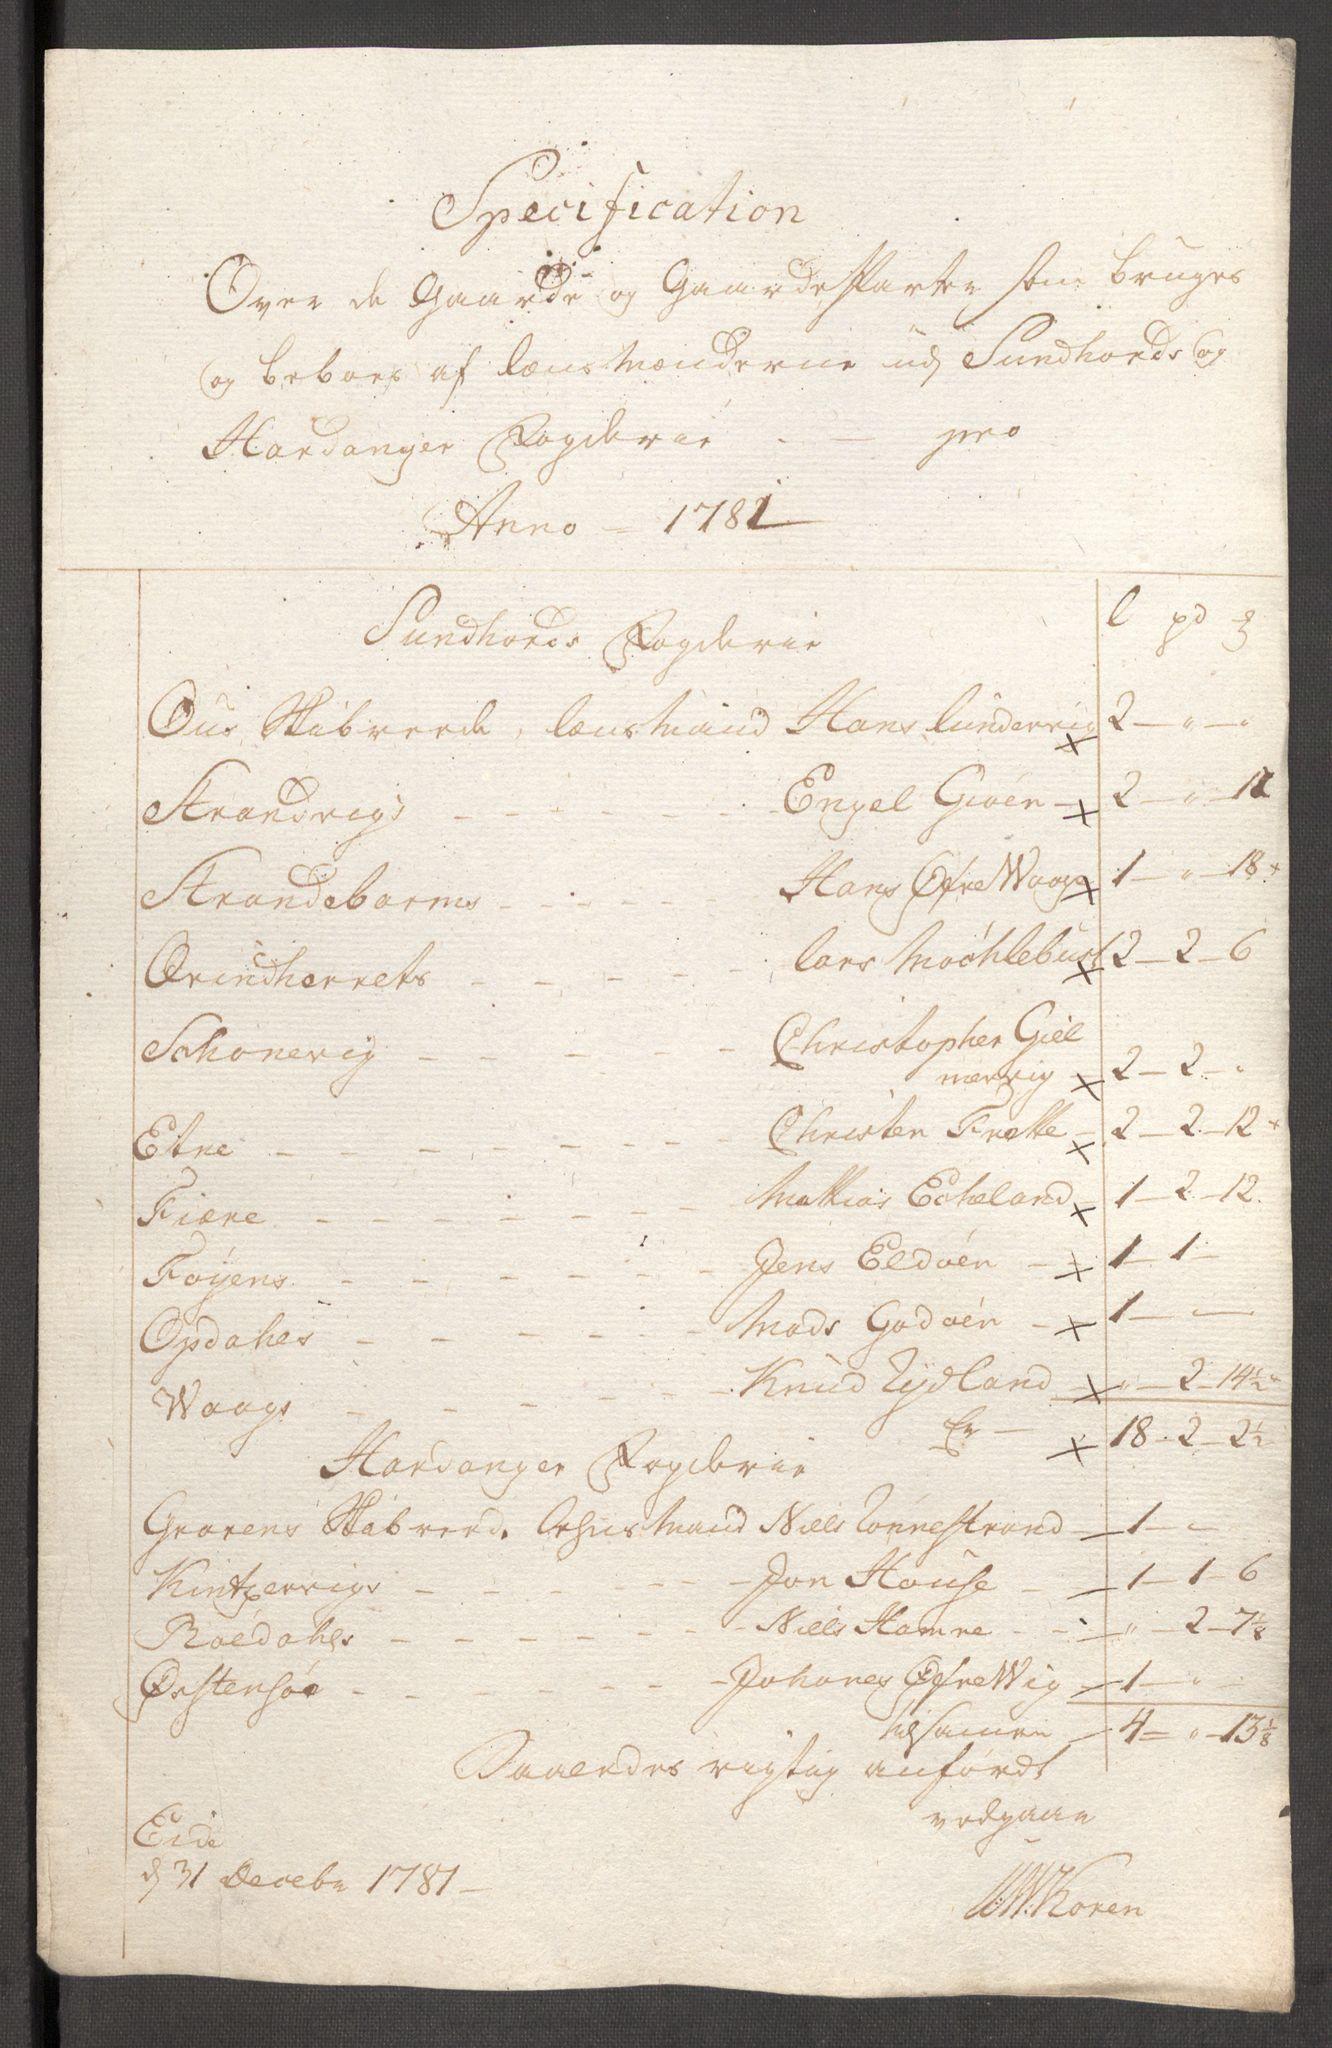 RA, Rentekammeret inntil 1814, Reviderte regnskaper, Fogderegnskap, R48/L3097: Fogderegnskap Sunnhordland og Hardanger, 1781, s. 346